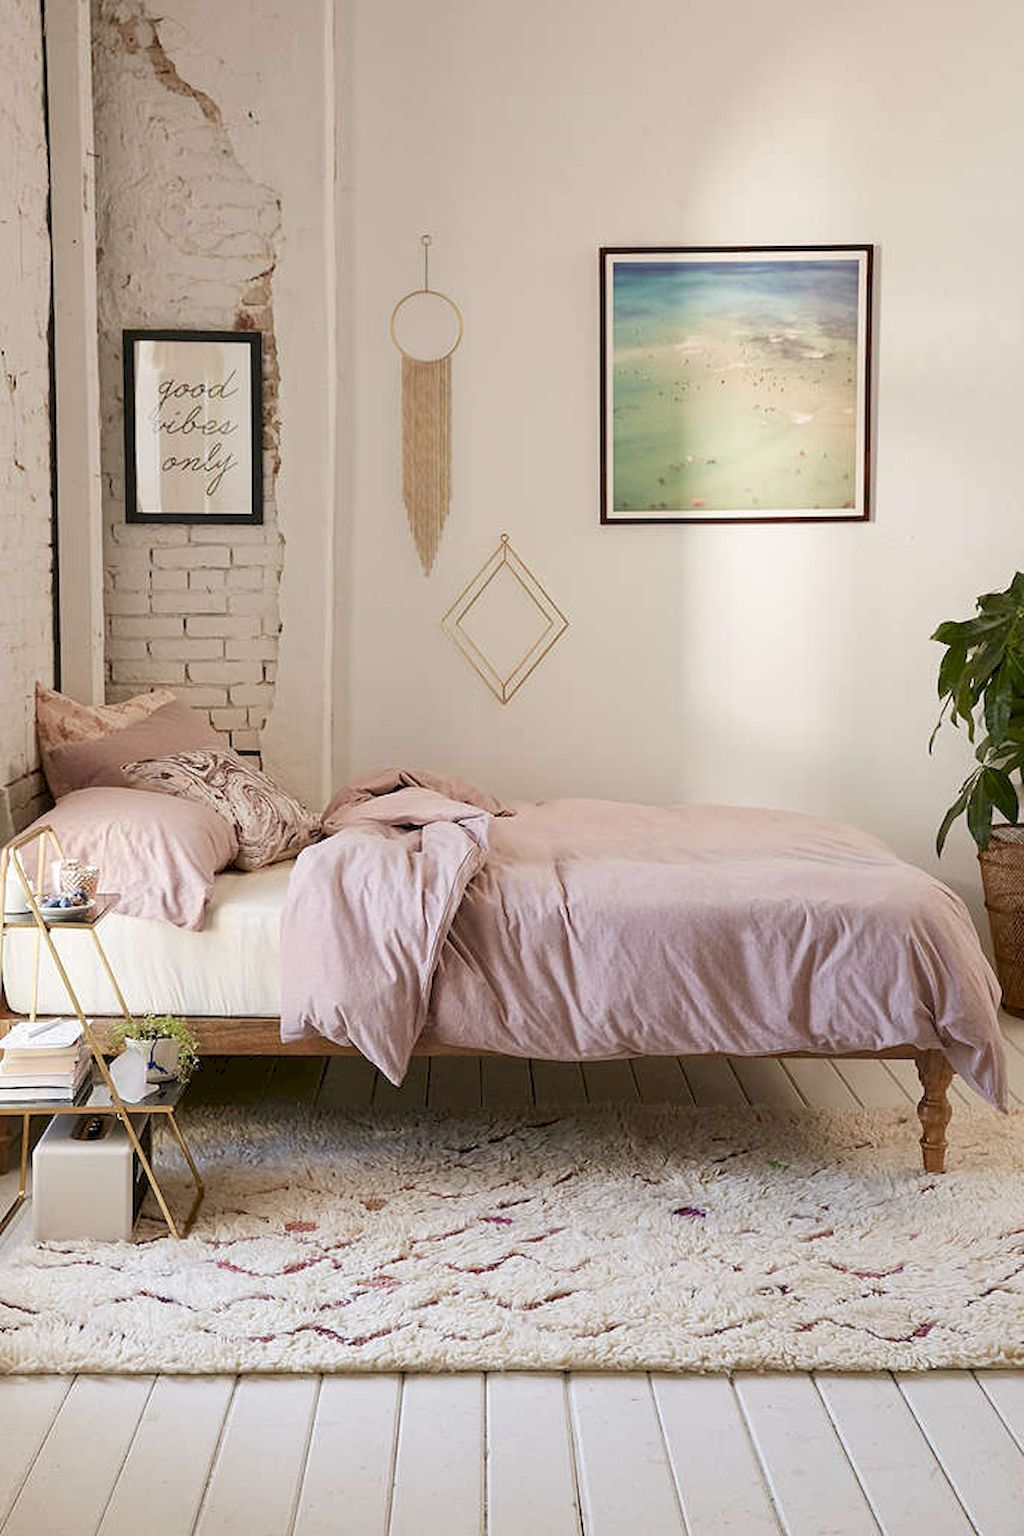 Cool fantastic minimalist bedroom decor ideas besideroom